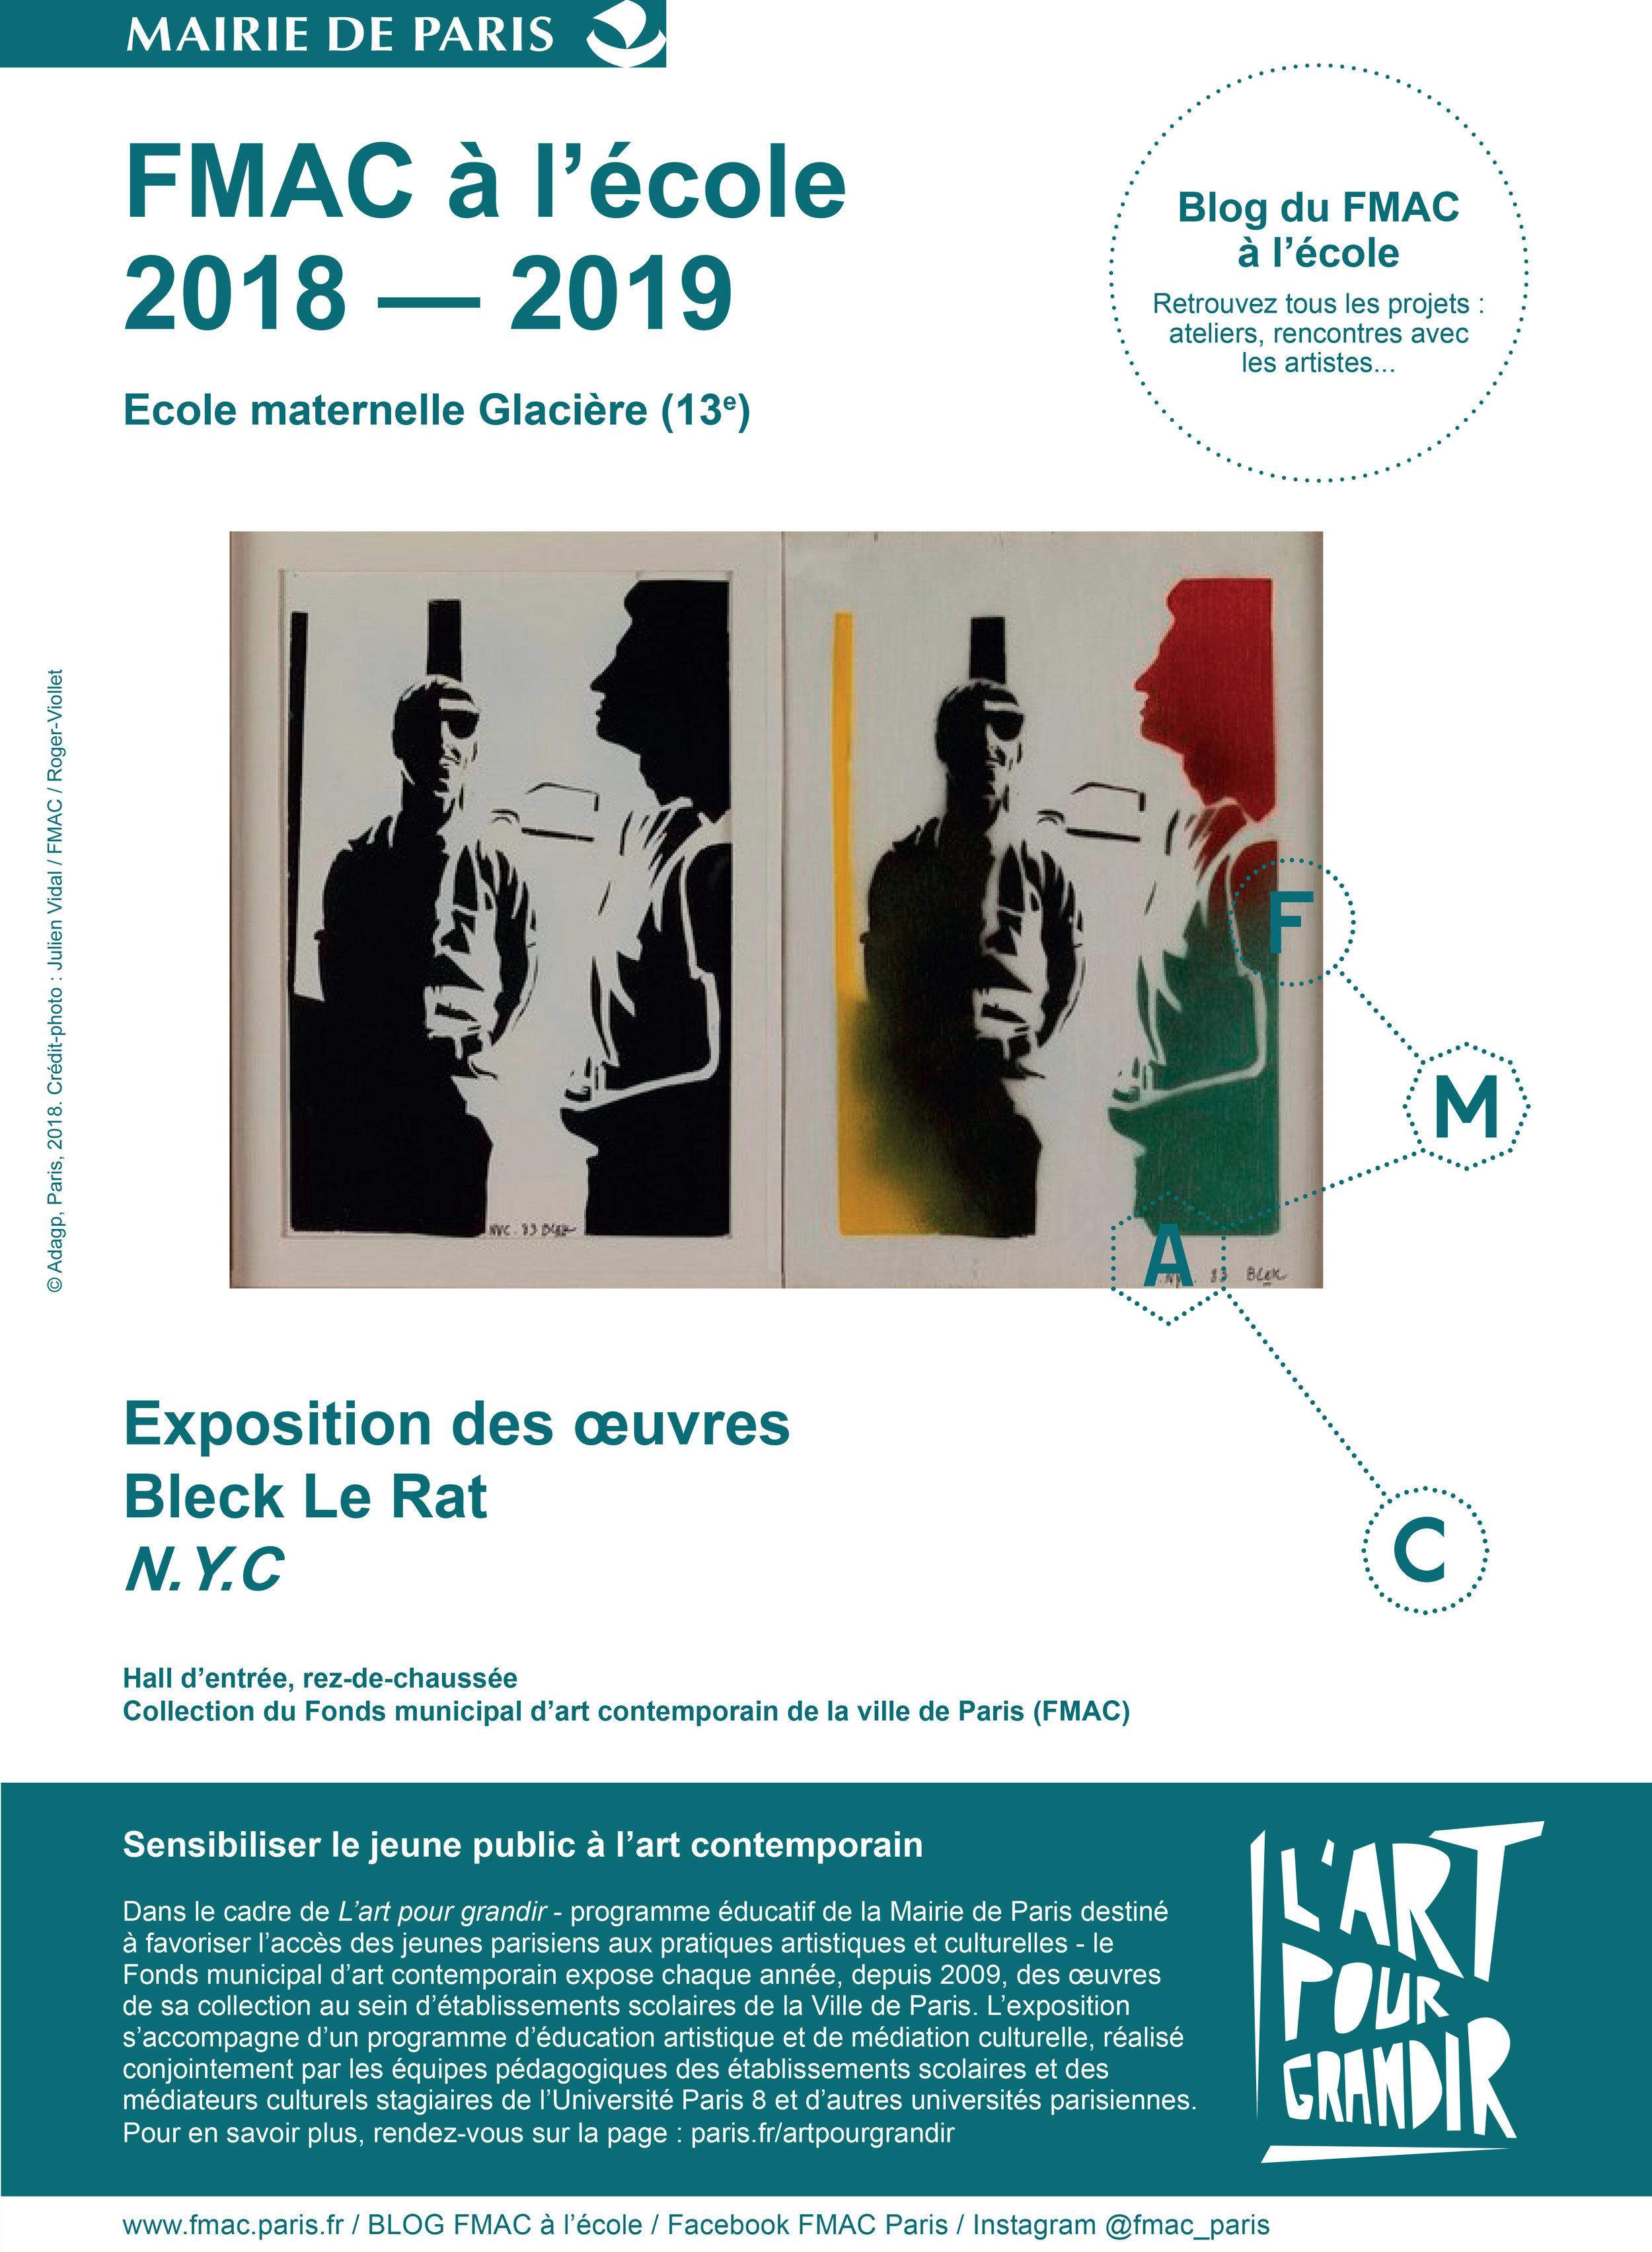 Affichette ter_signaletique_A3_ 1 exemplaire-6.jpg